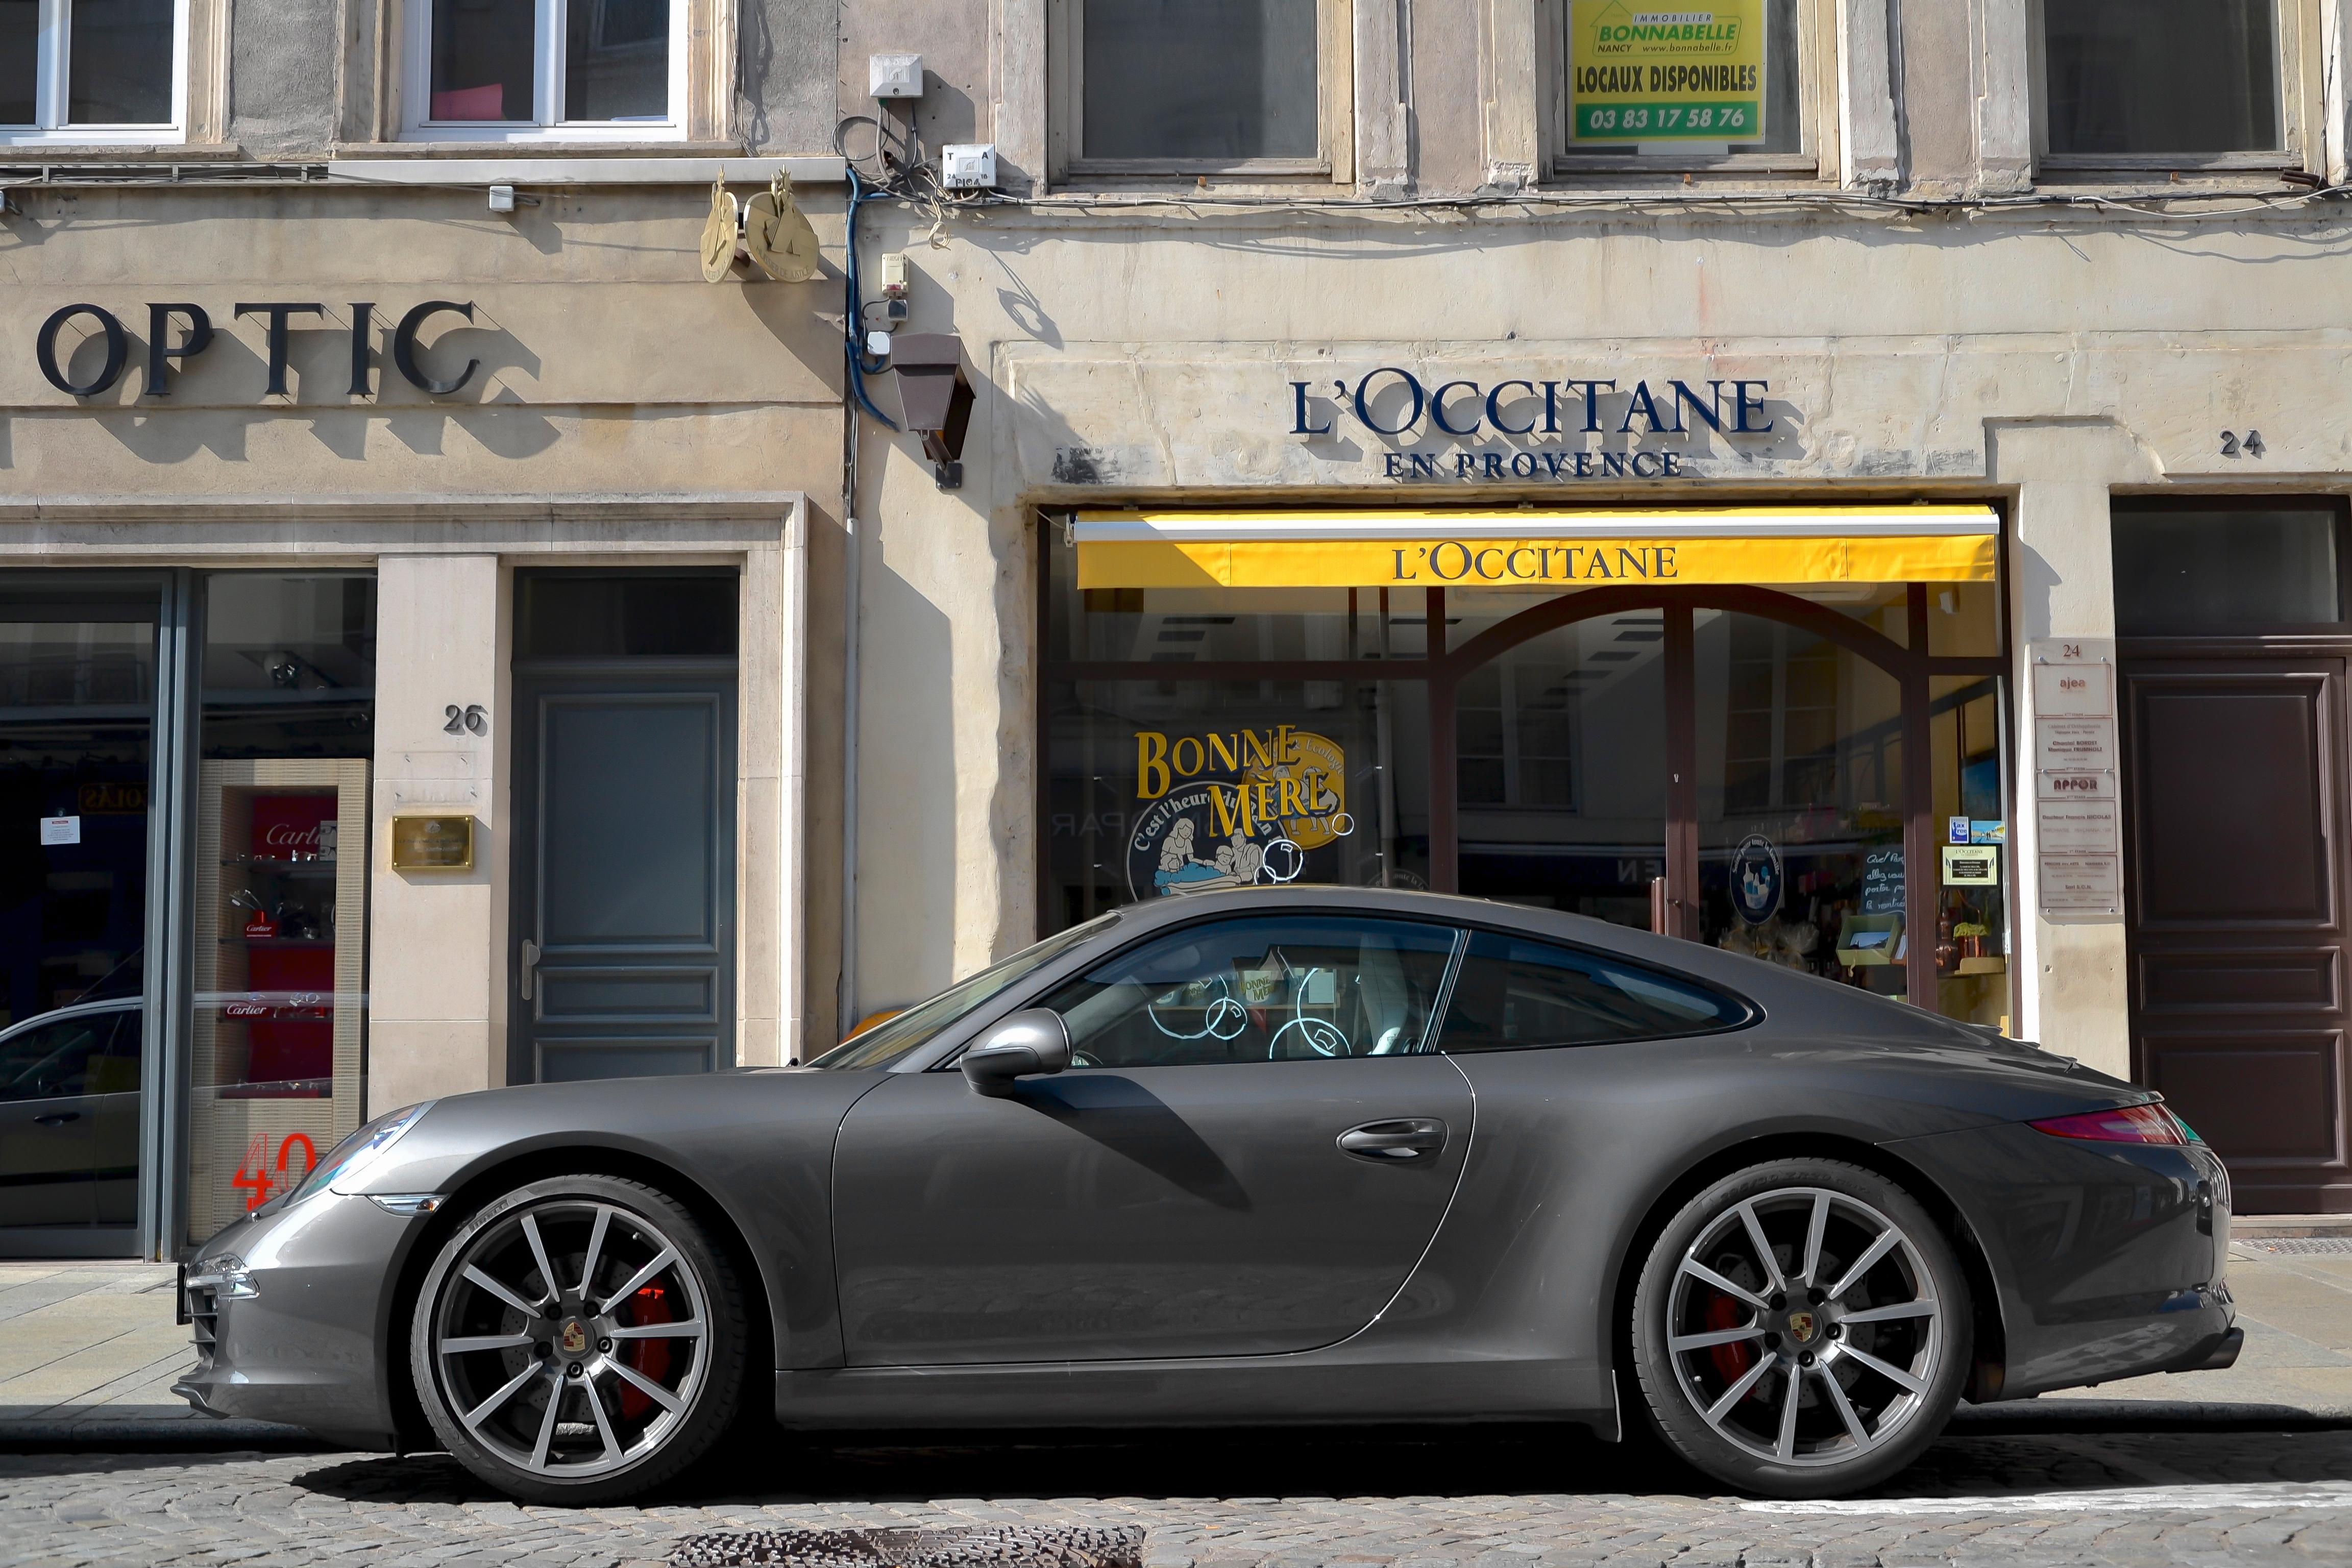 File:Porsche 911 Carrera S (7963689884).jpg - Wikimedia Commons